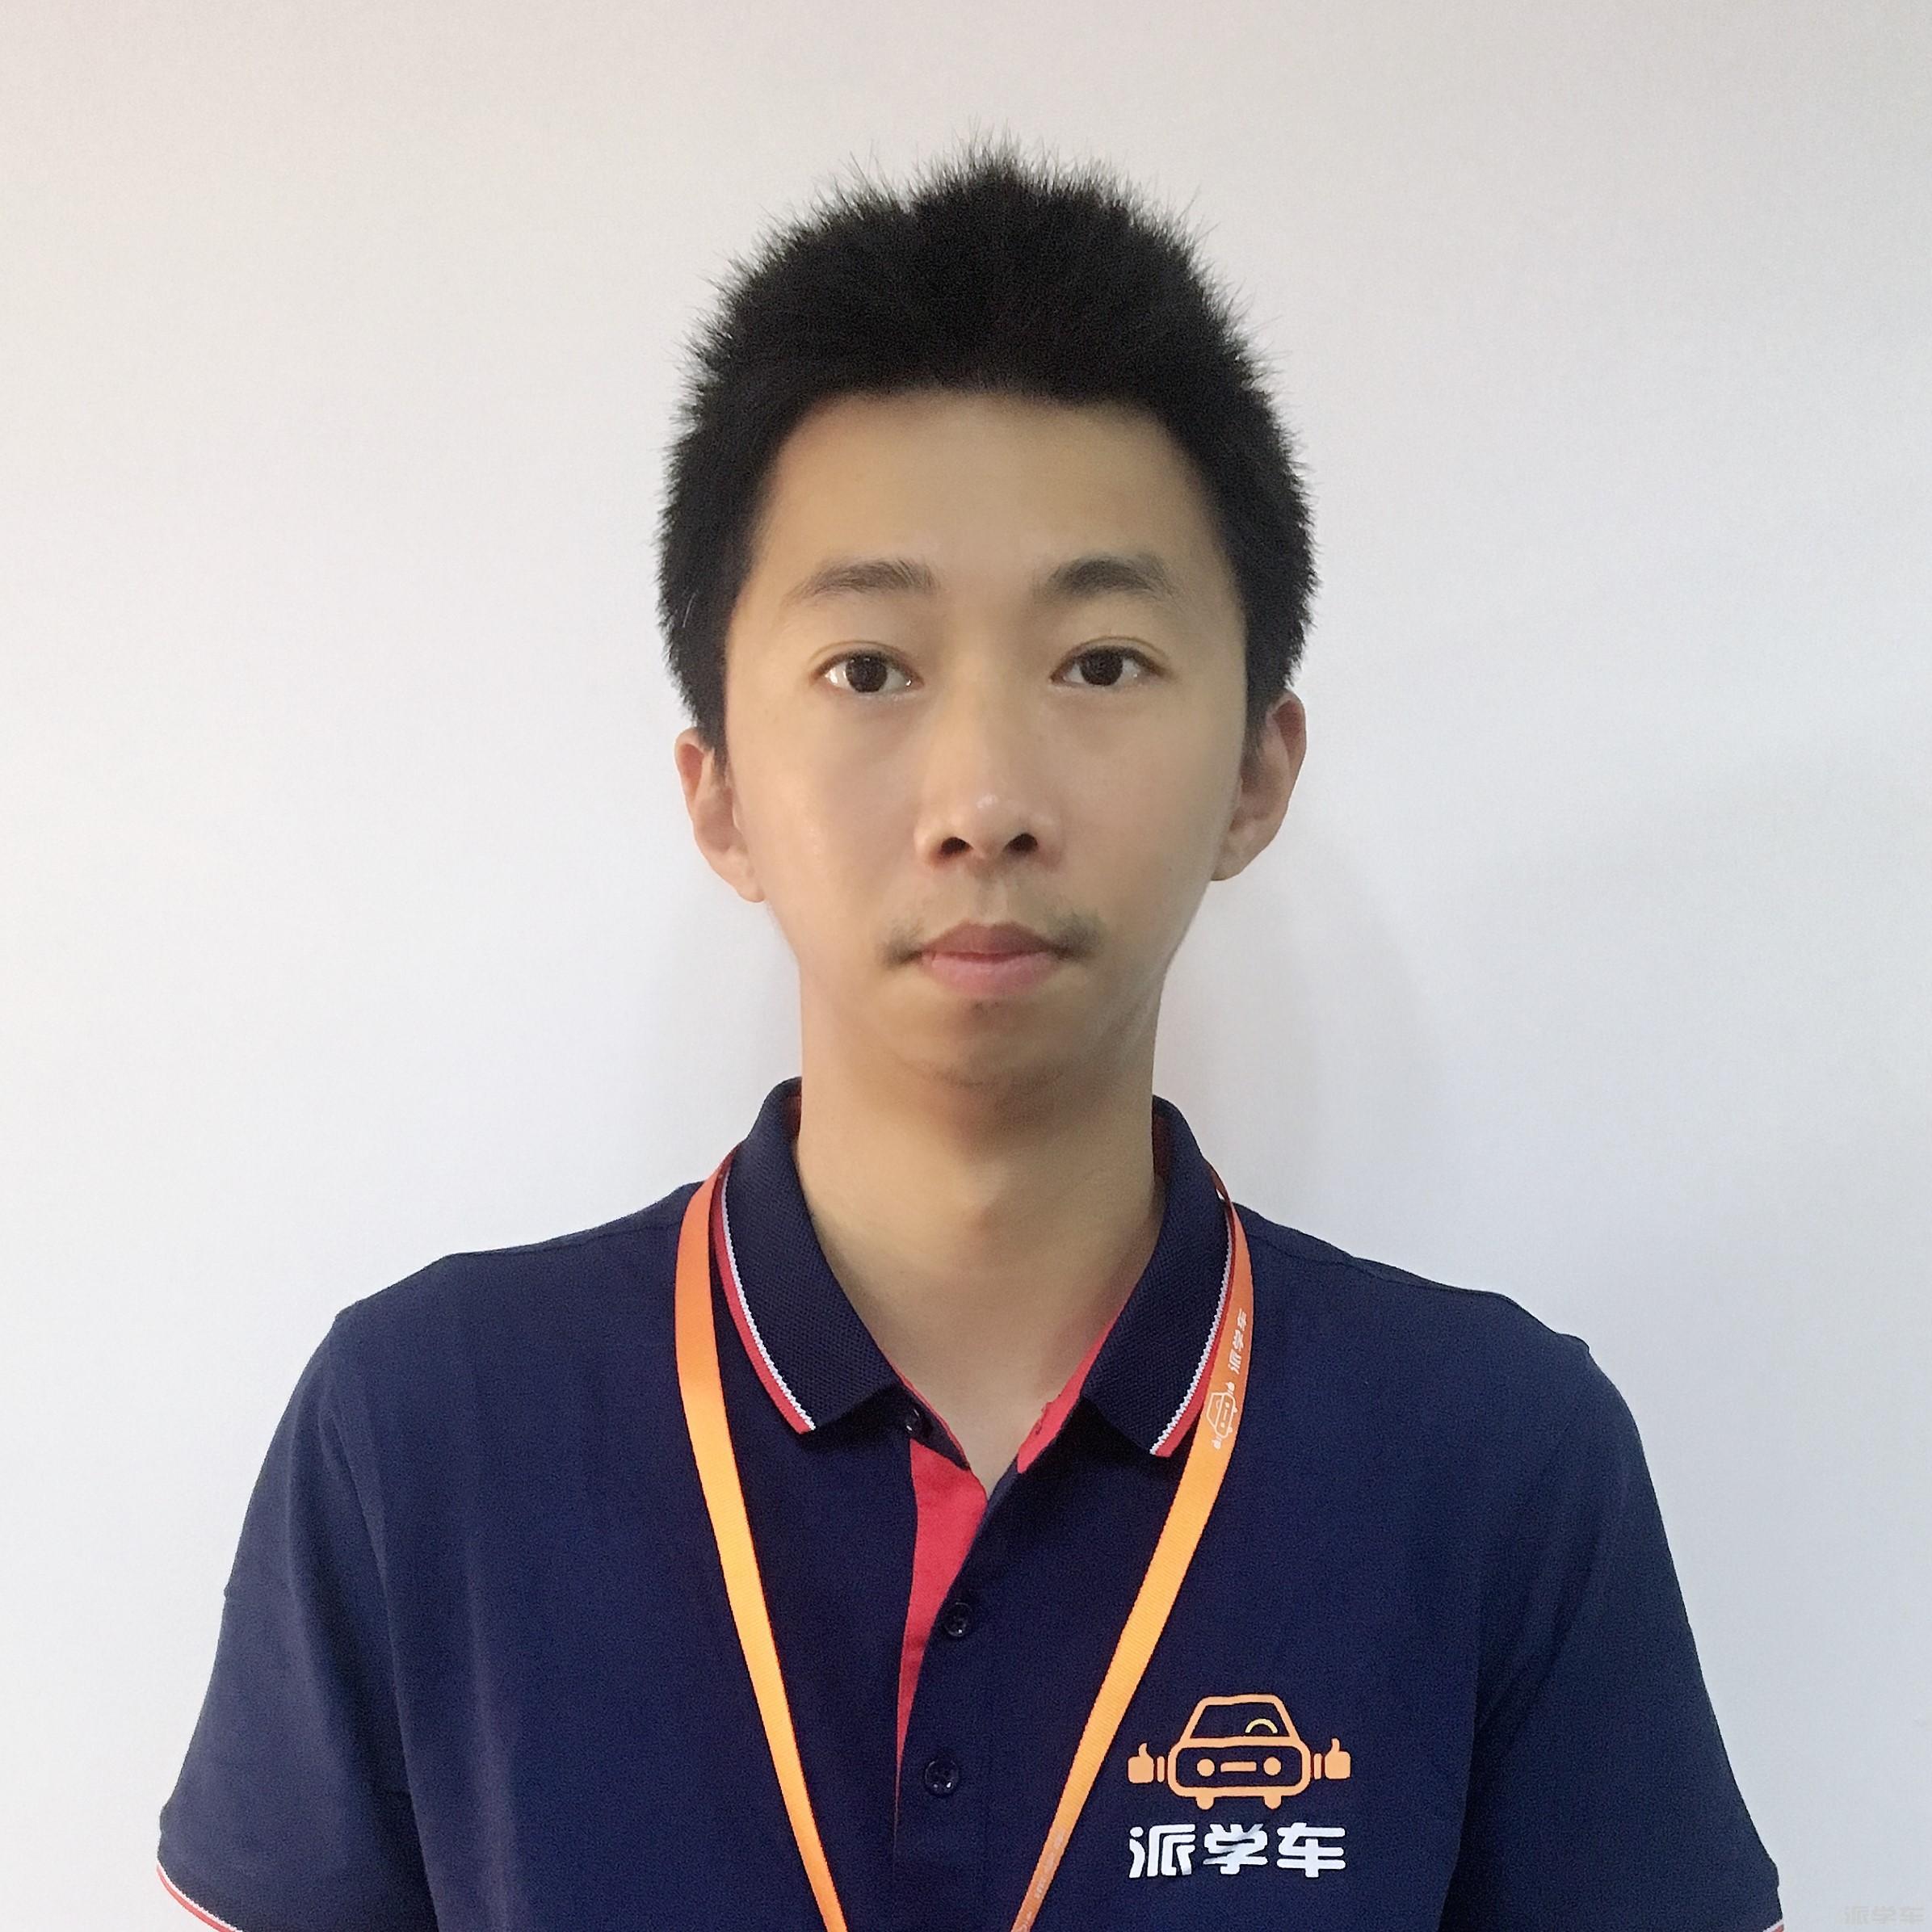 教练王炳祥